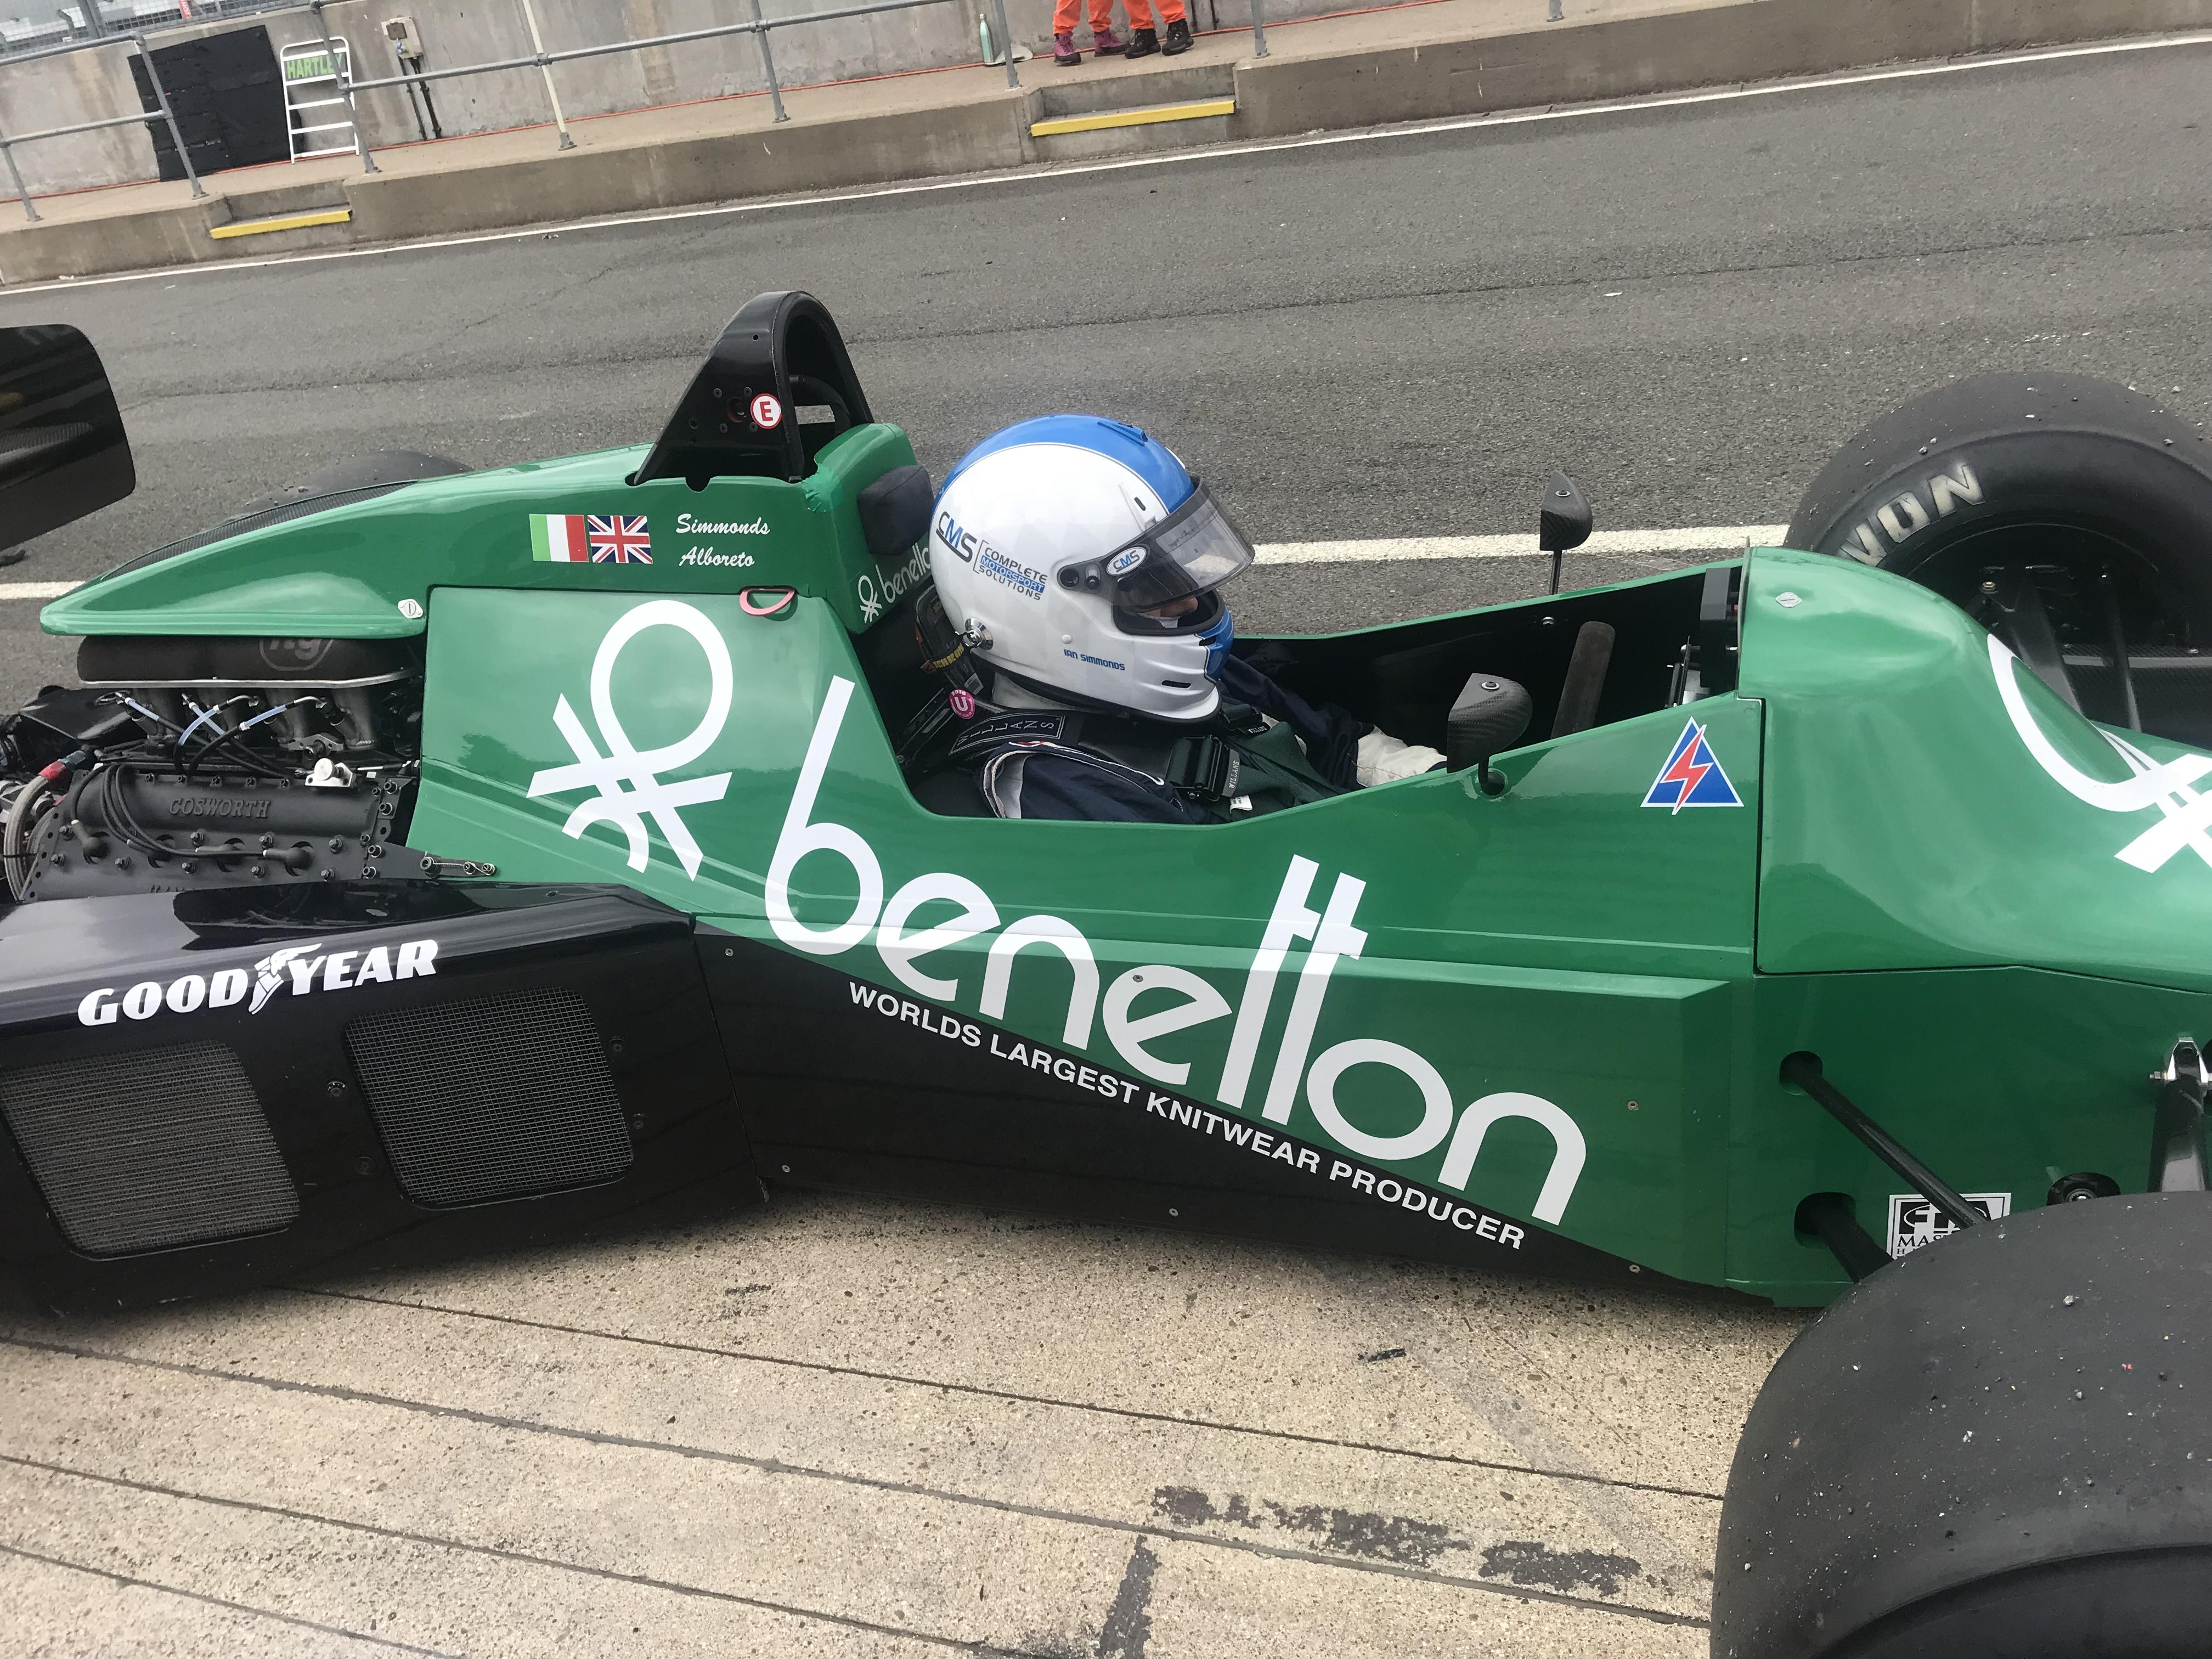 Ian Simmonds Tyrrell 012-01